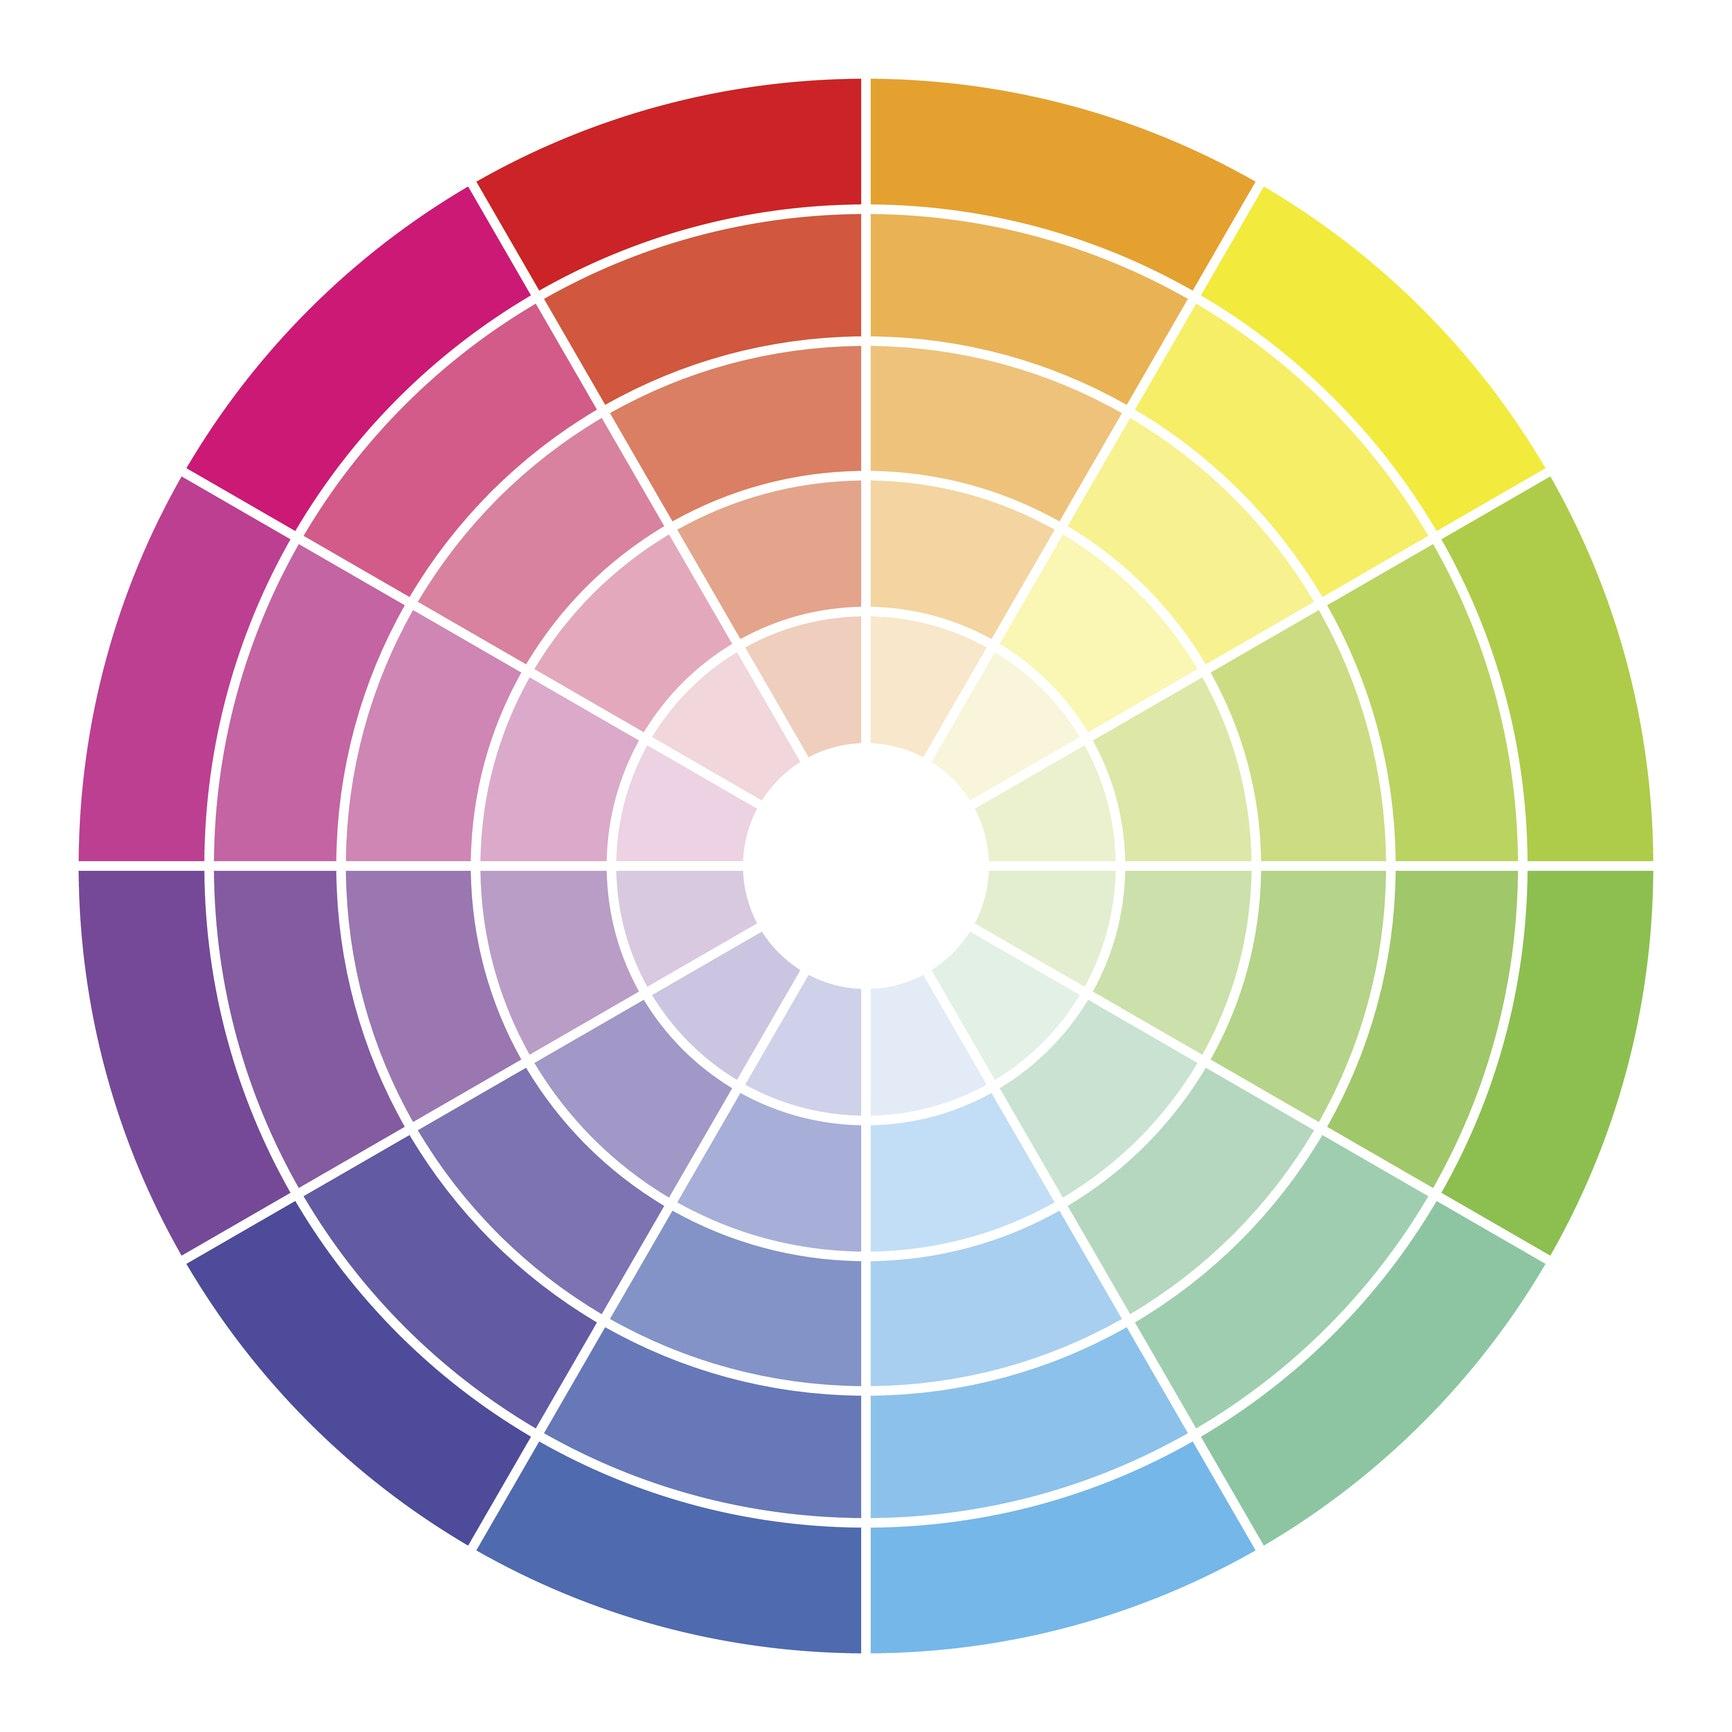 matchende farver